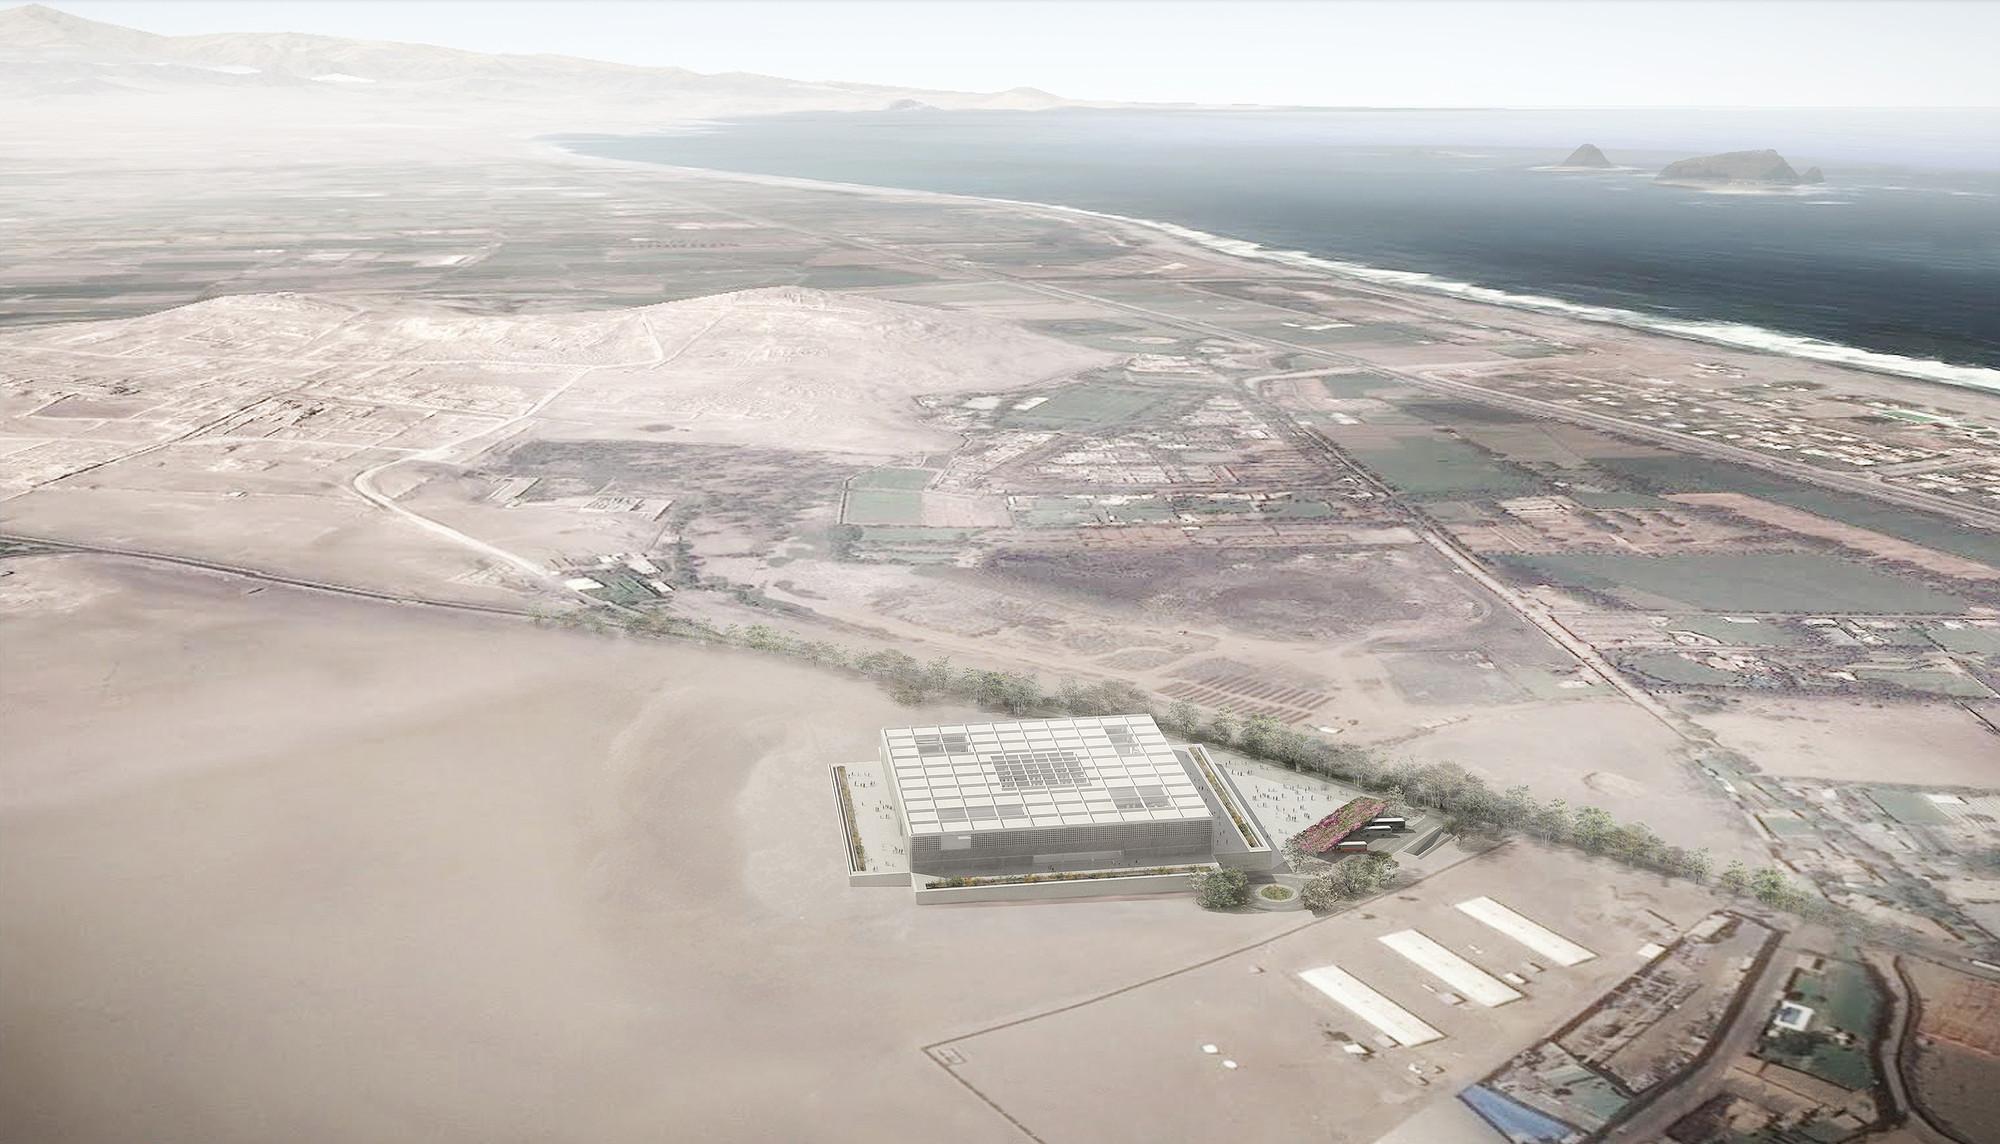 Vista aérea. Image Courtesy of Alexia León Angell